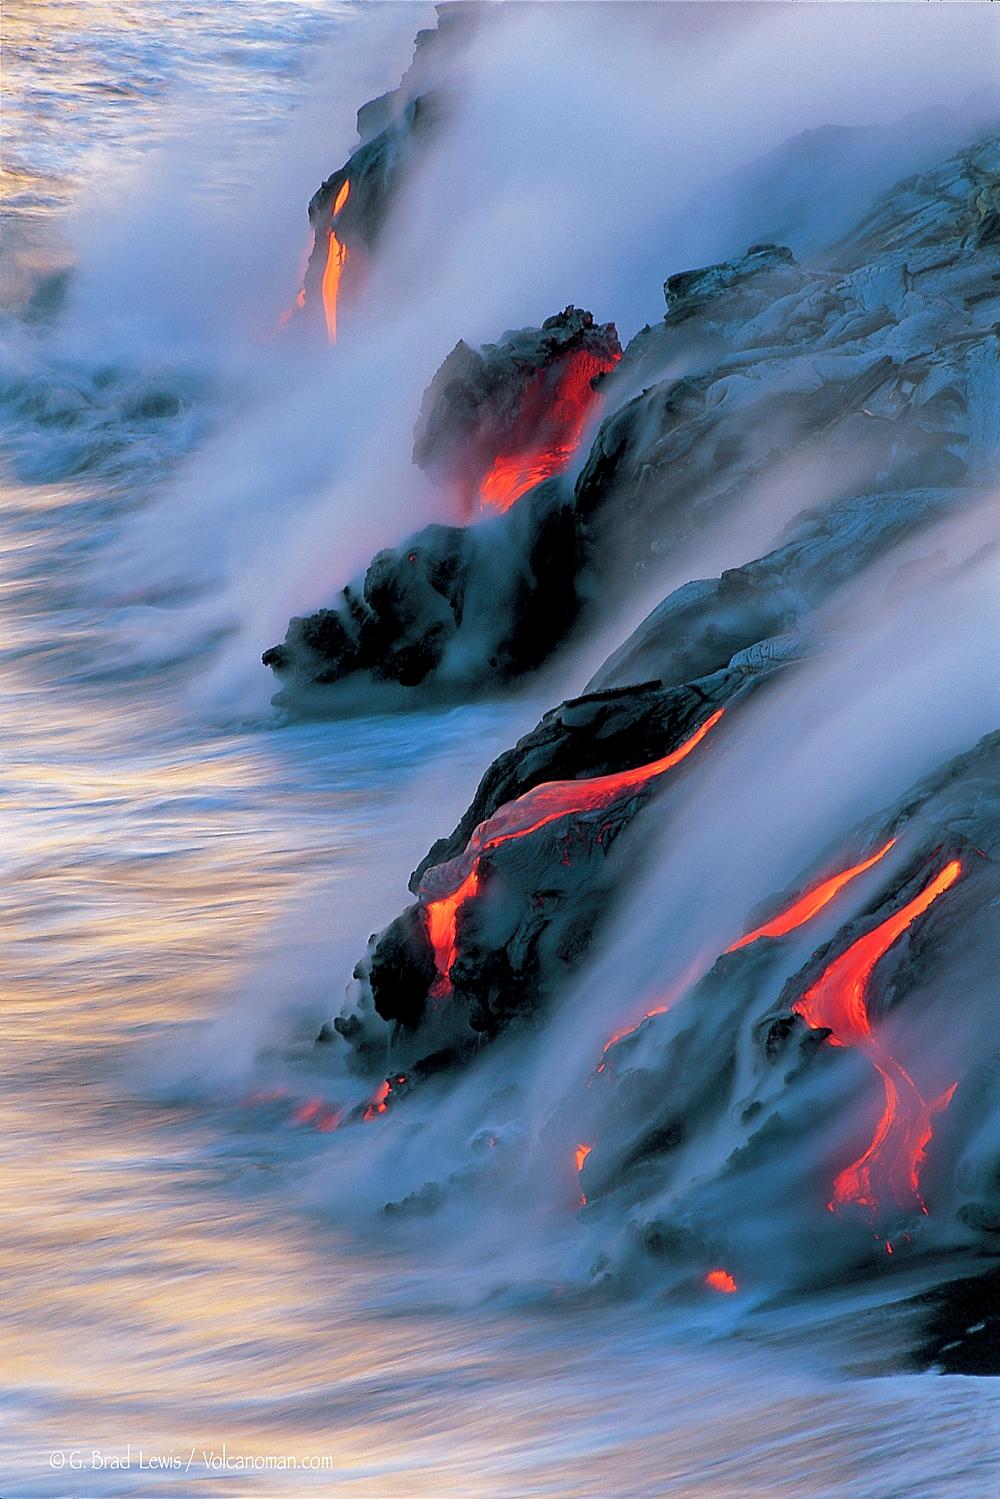 Ocean Dancing - Image by Brad Lewis